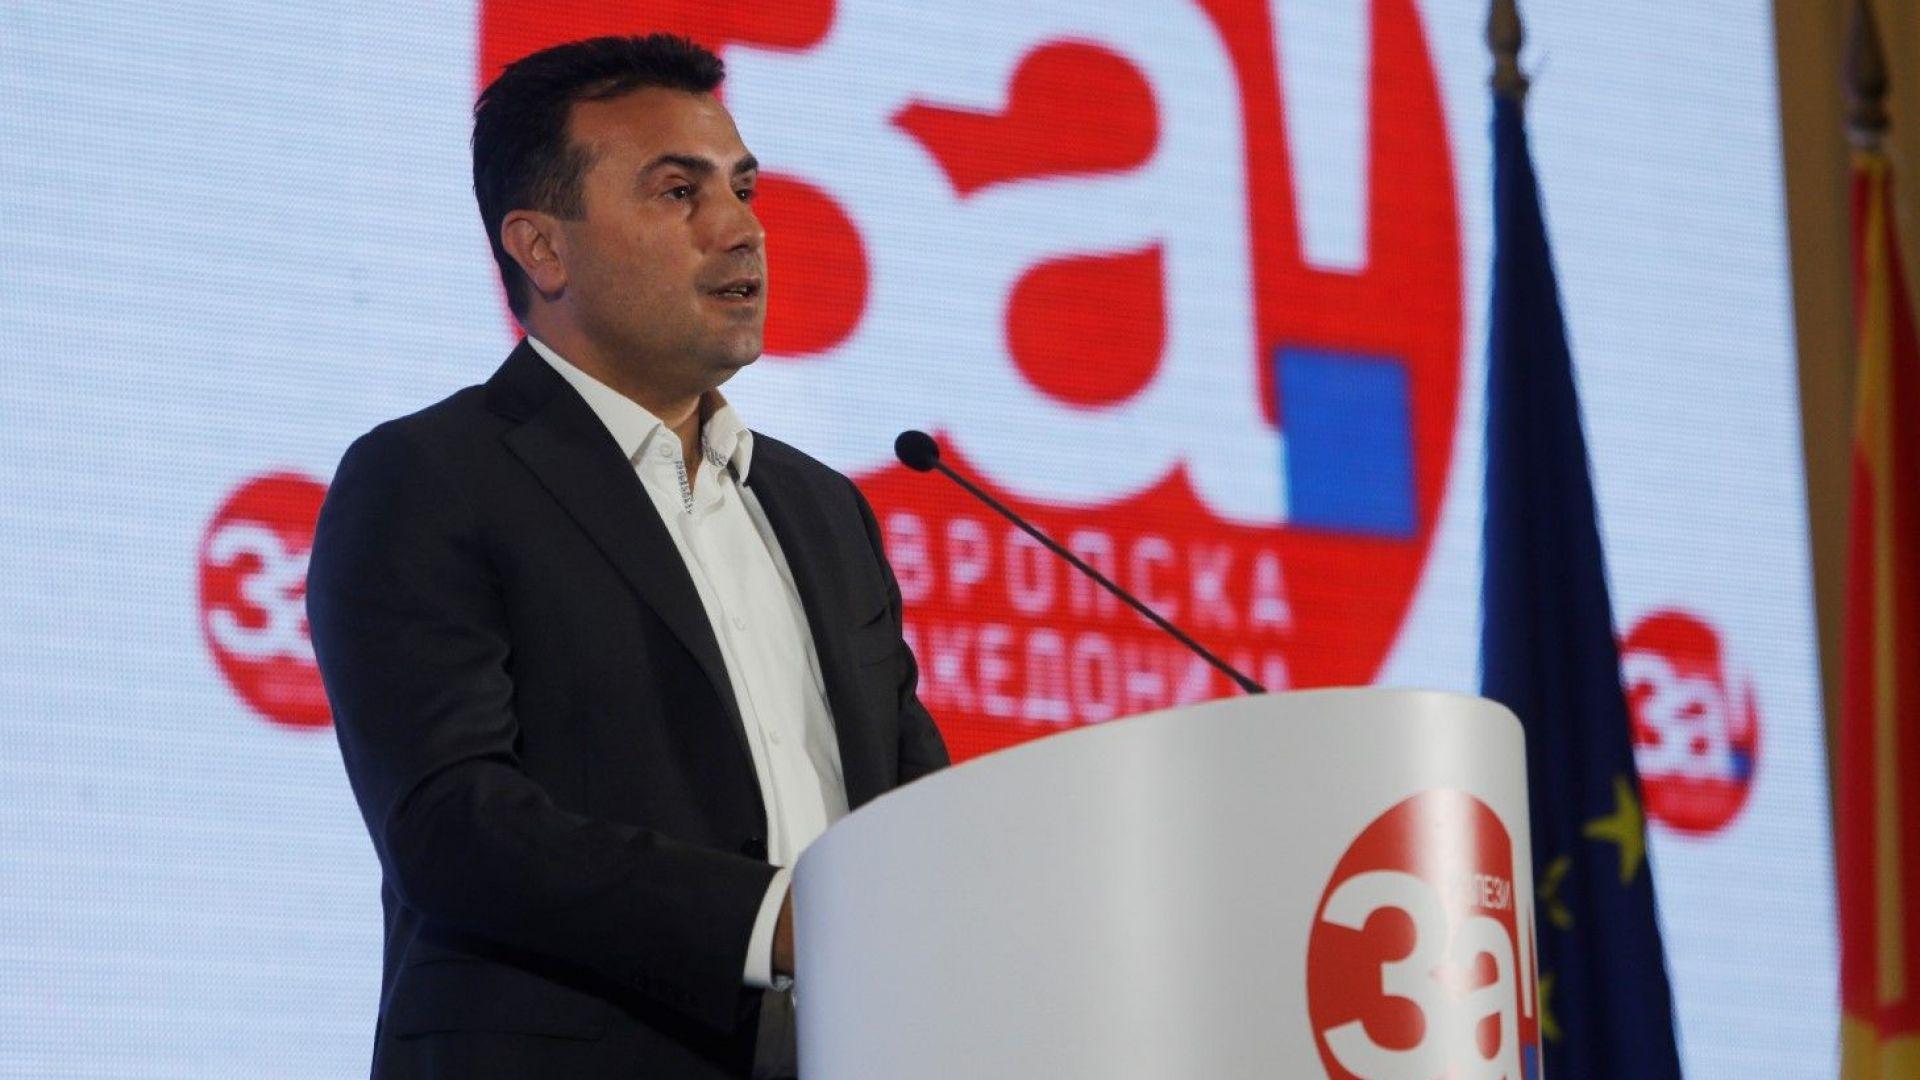 Зоран Заев: Опитът да присвоим чужда история ни скара с почти всички съседи